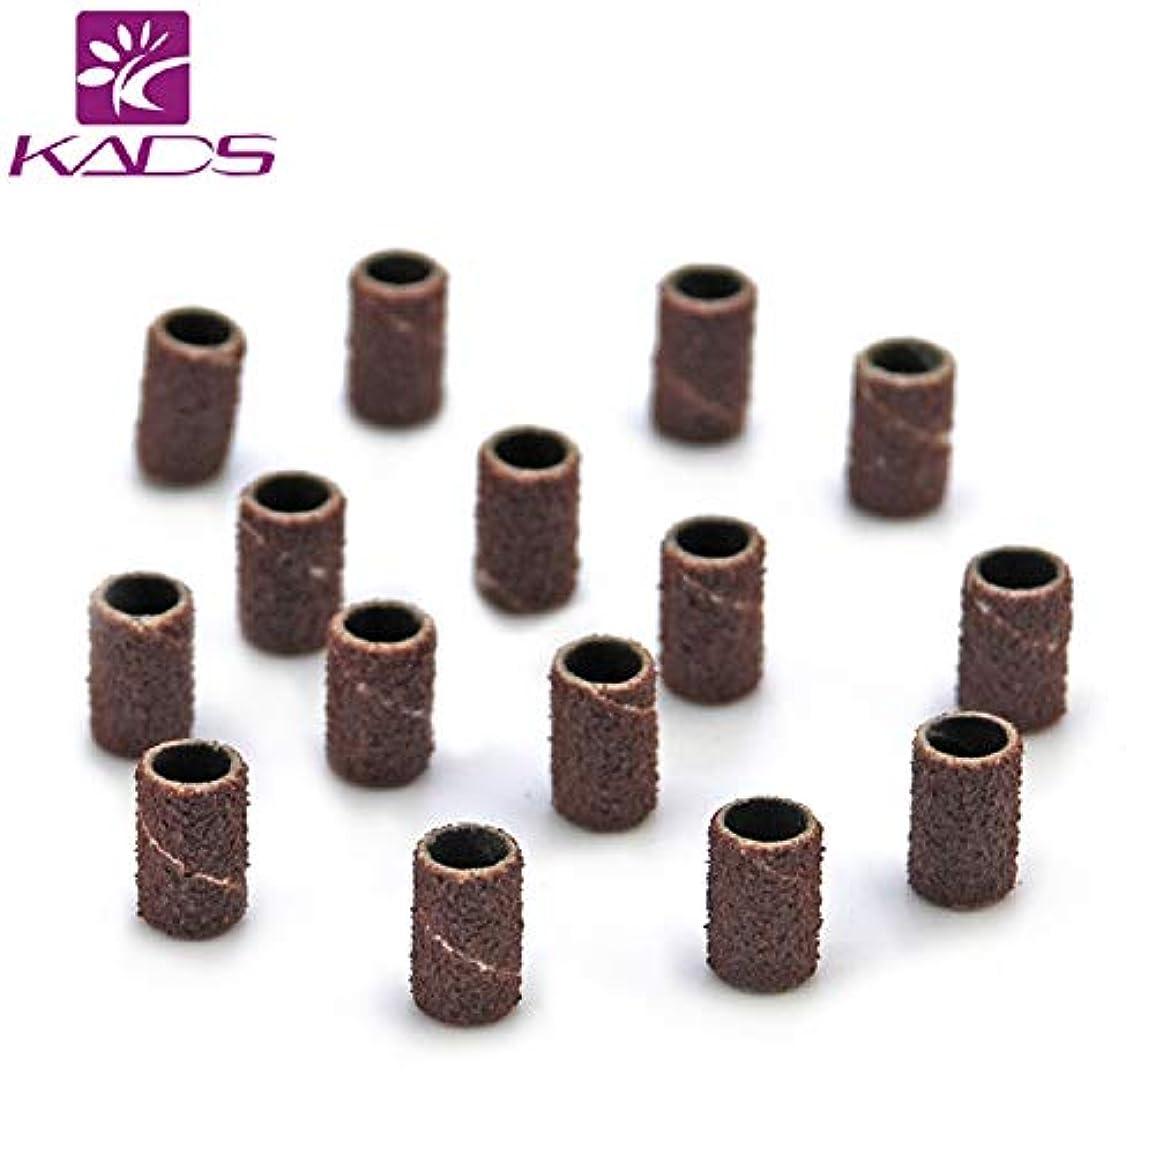 正当なビジター基礎KADS高品質サンディングバンド 150個入り ドラムサンダーセット 全5サイズ 研削、研磨 回転工具用